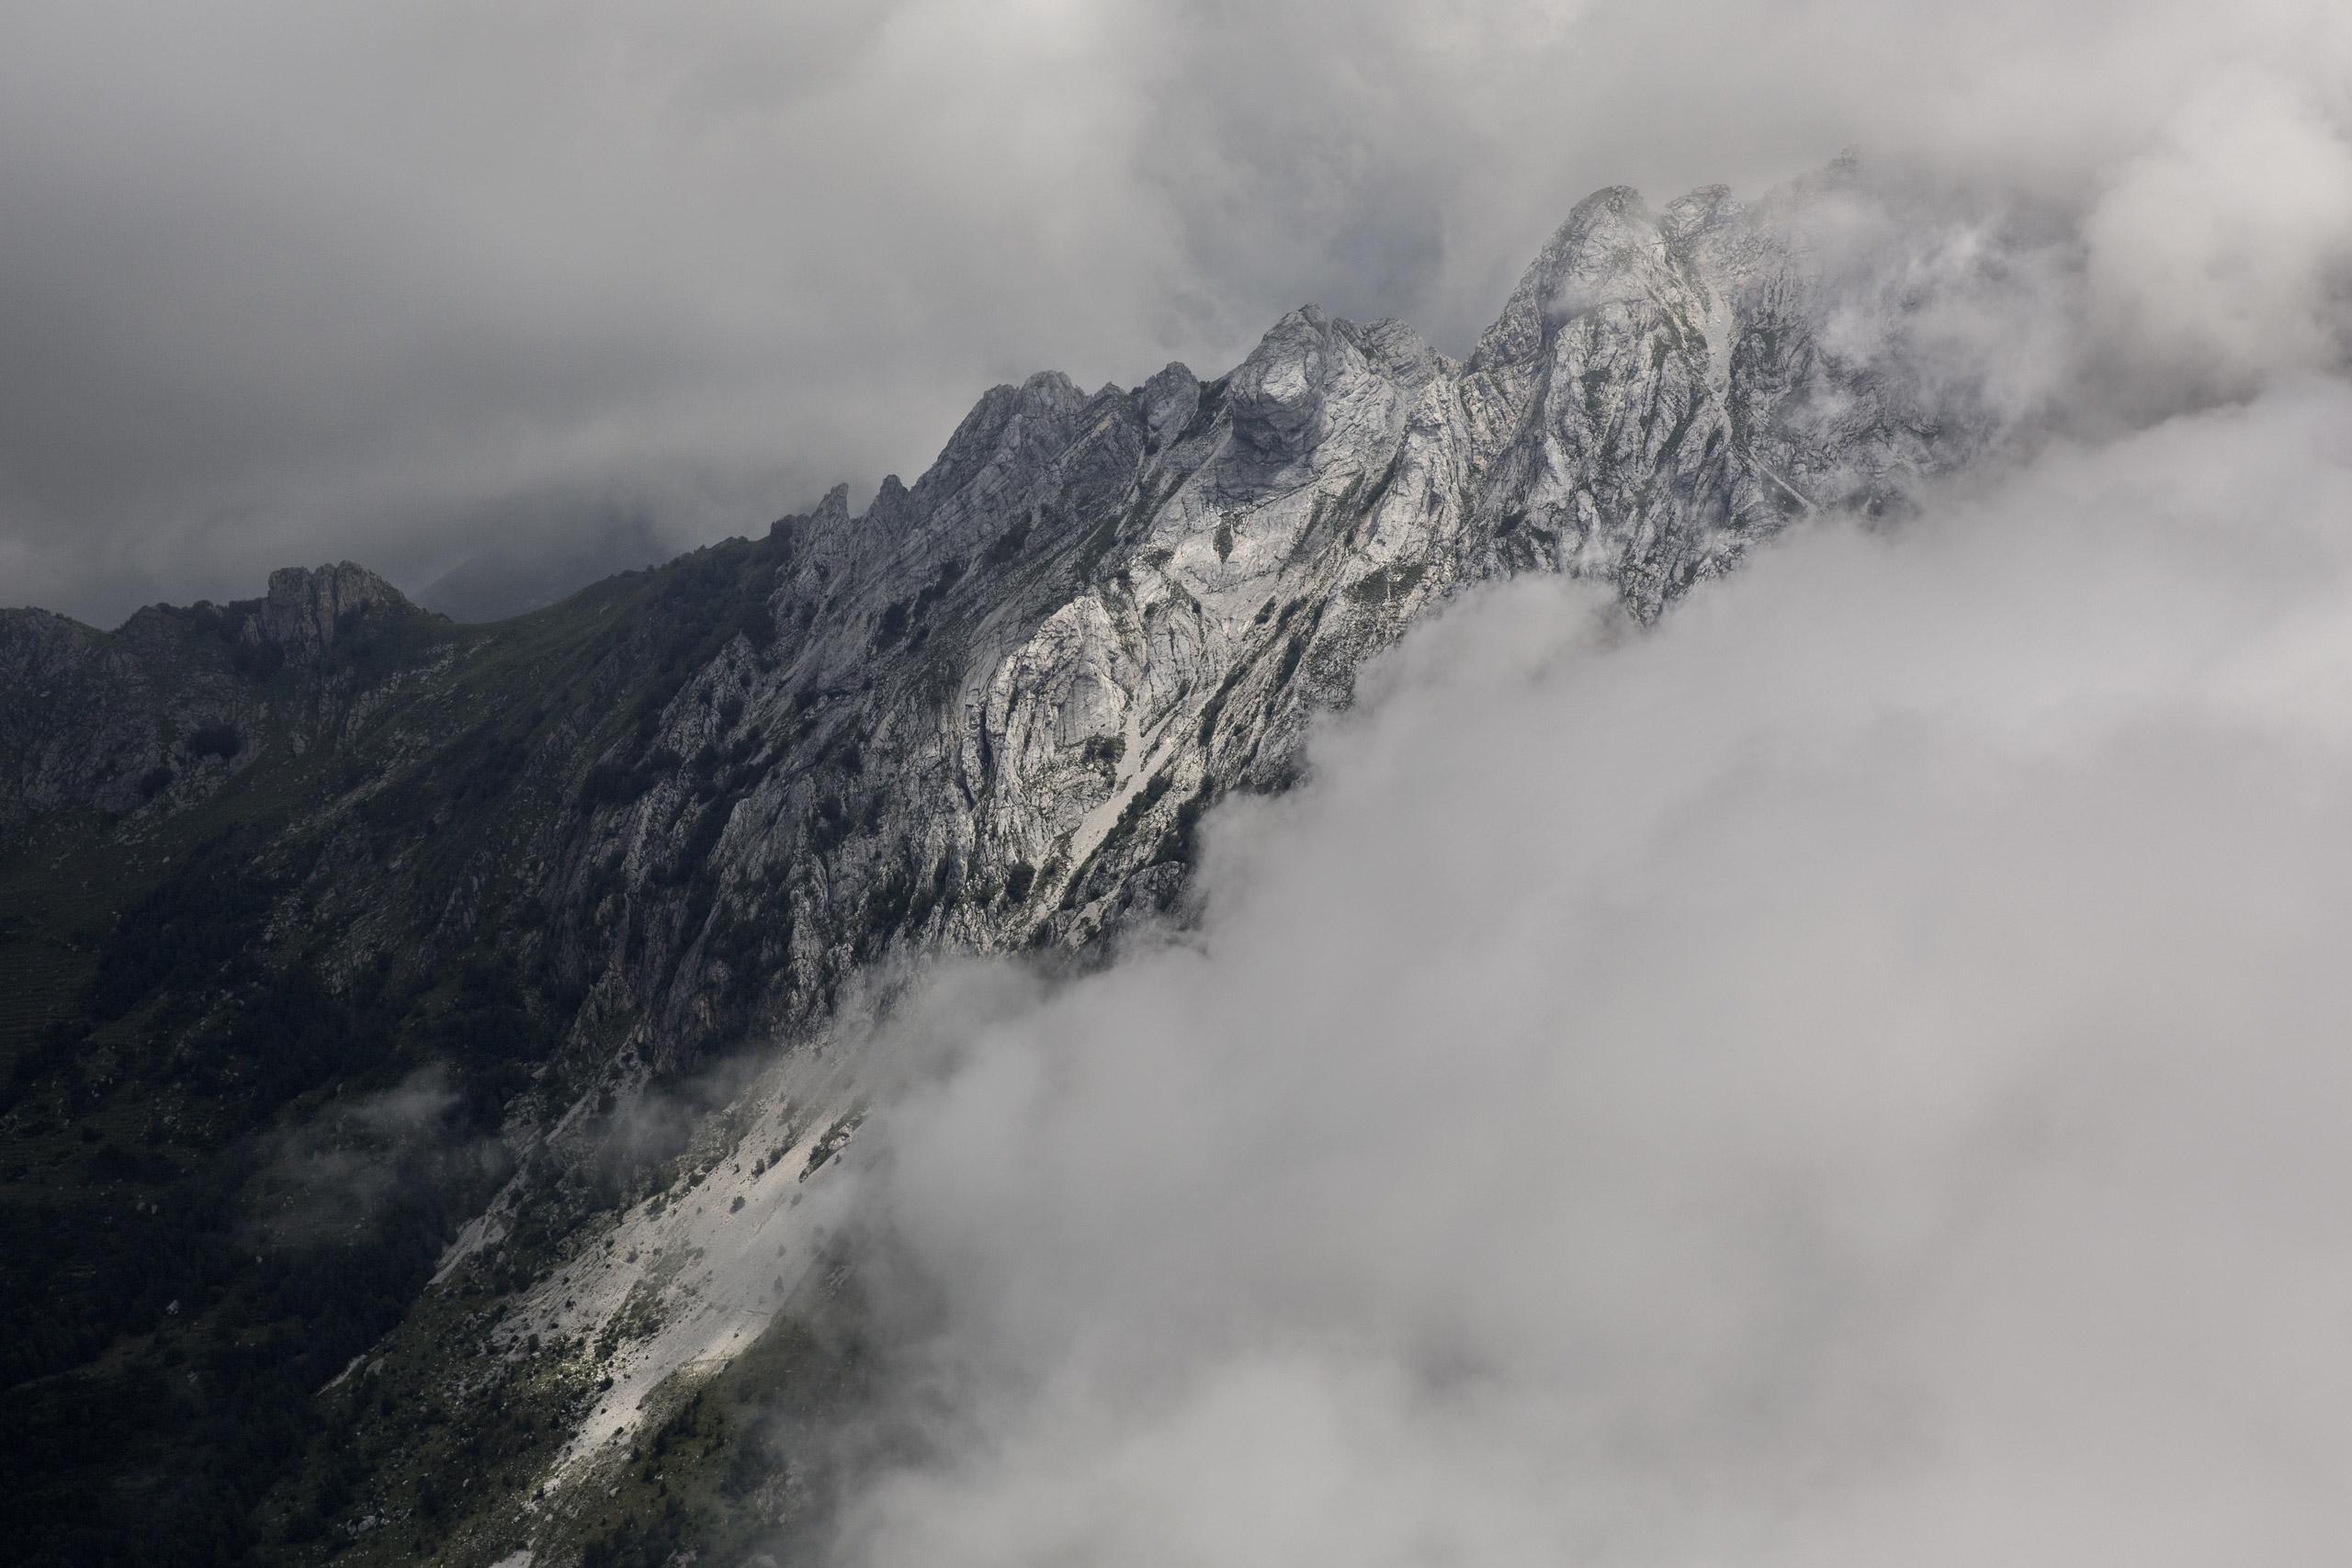 La vetta frastagliata del Monte Grondilice, confine ovest della Val Serenaia.